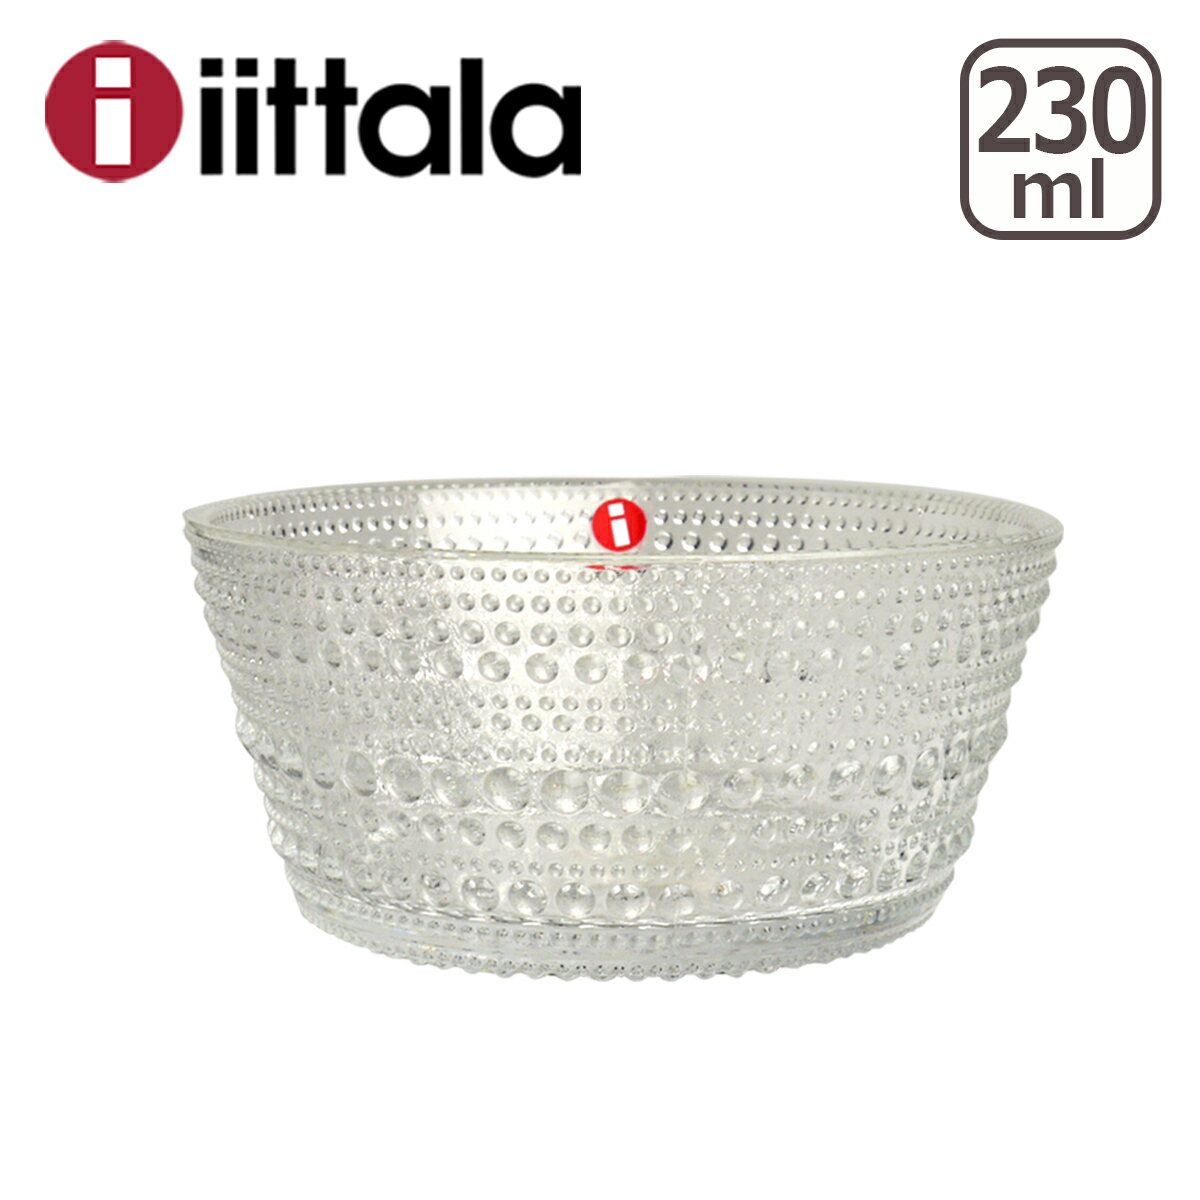 イッタラ カステヘルミ iittala (KASTEHELMI) ボウル 230ml クリアー ita7505-p ガラス ボウル イッタラ/ittala 北欧 フィンランド 食器